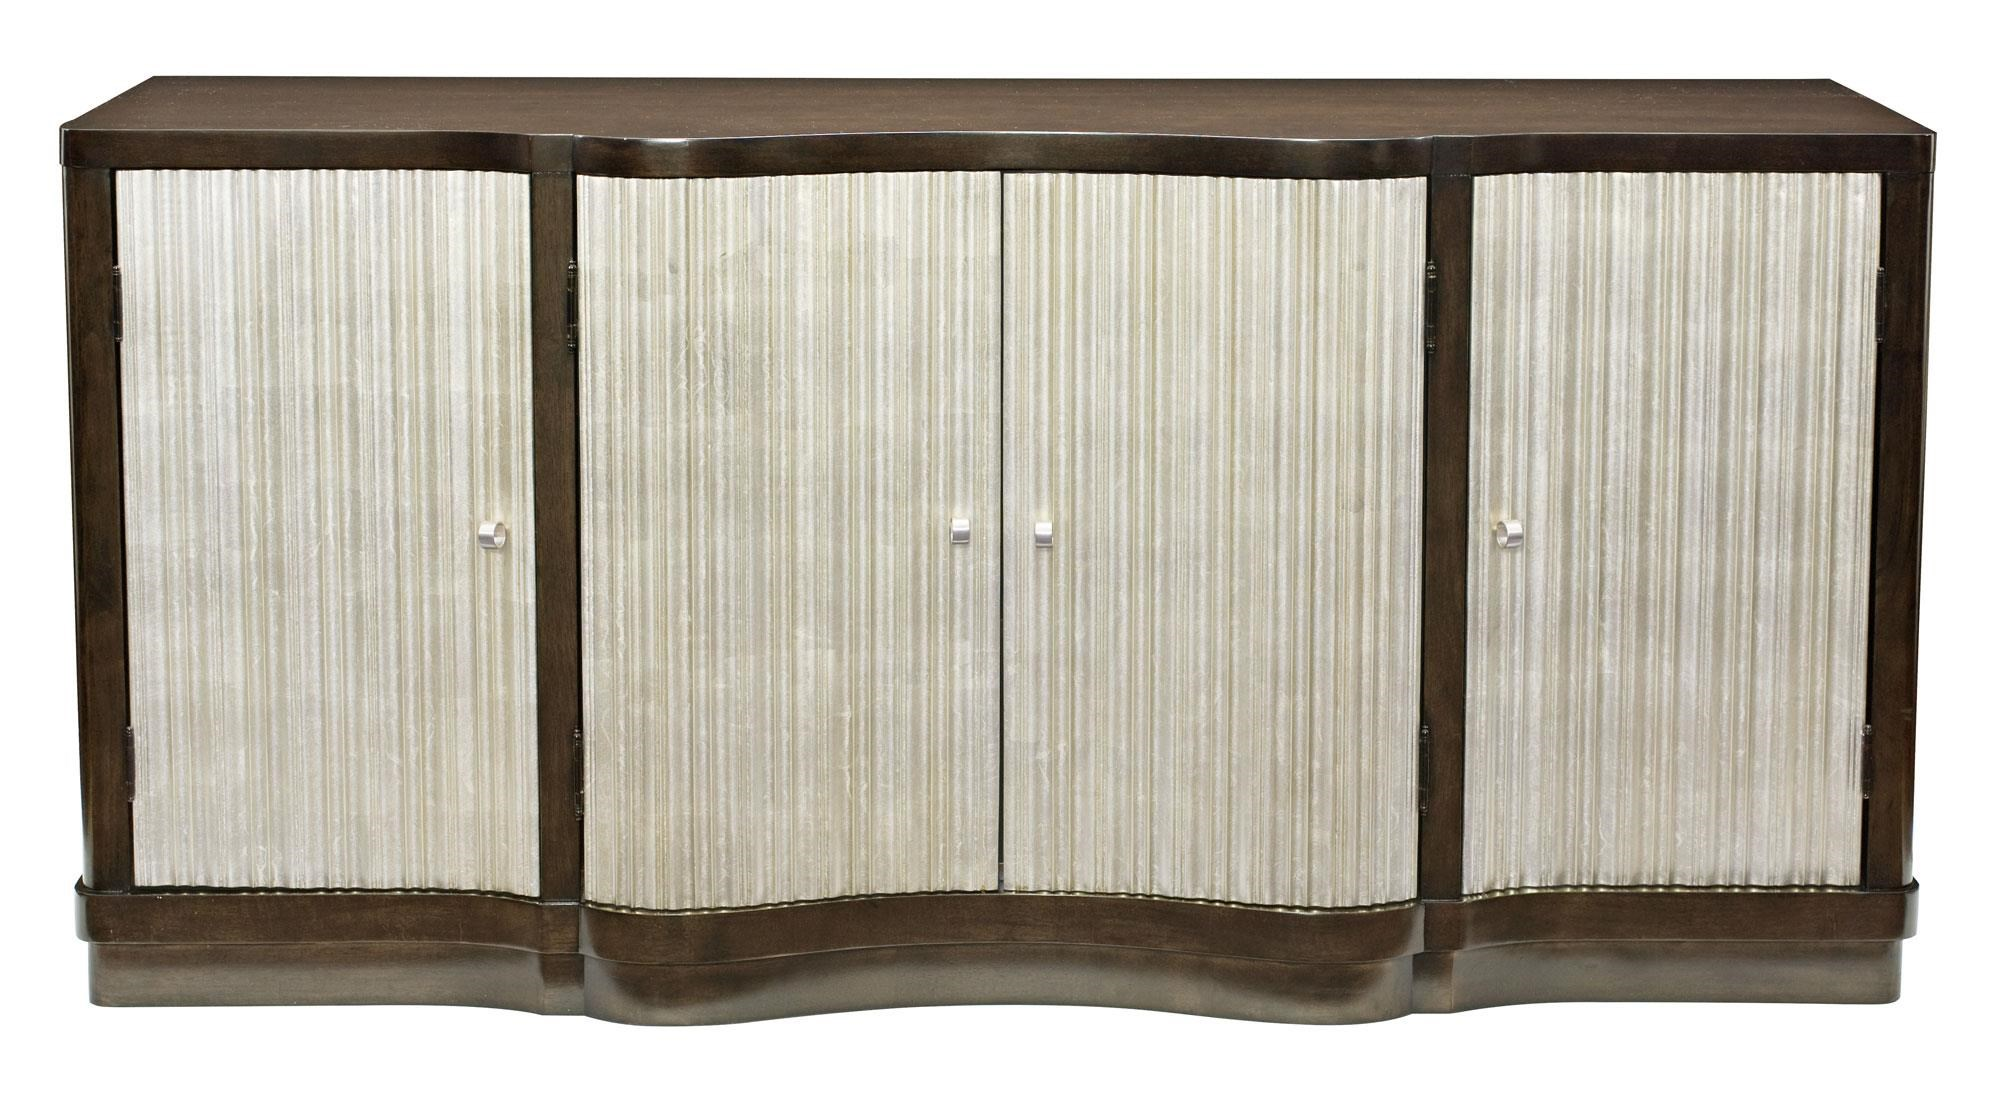 Bernhardt Miramont 360-134C Buffet : Baeru0026#39;s Furniture : Buffet Ft. Lauderdale, Ft. Myers ...